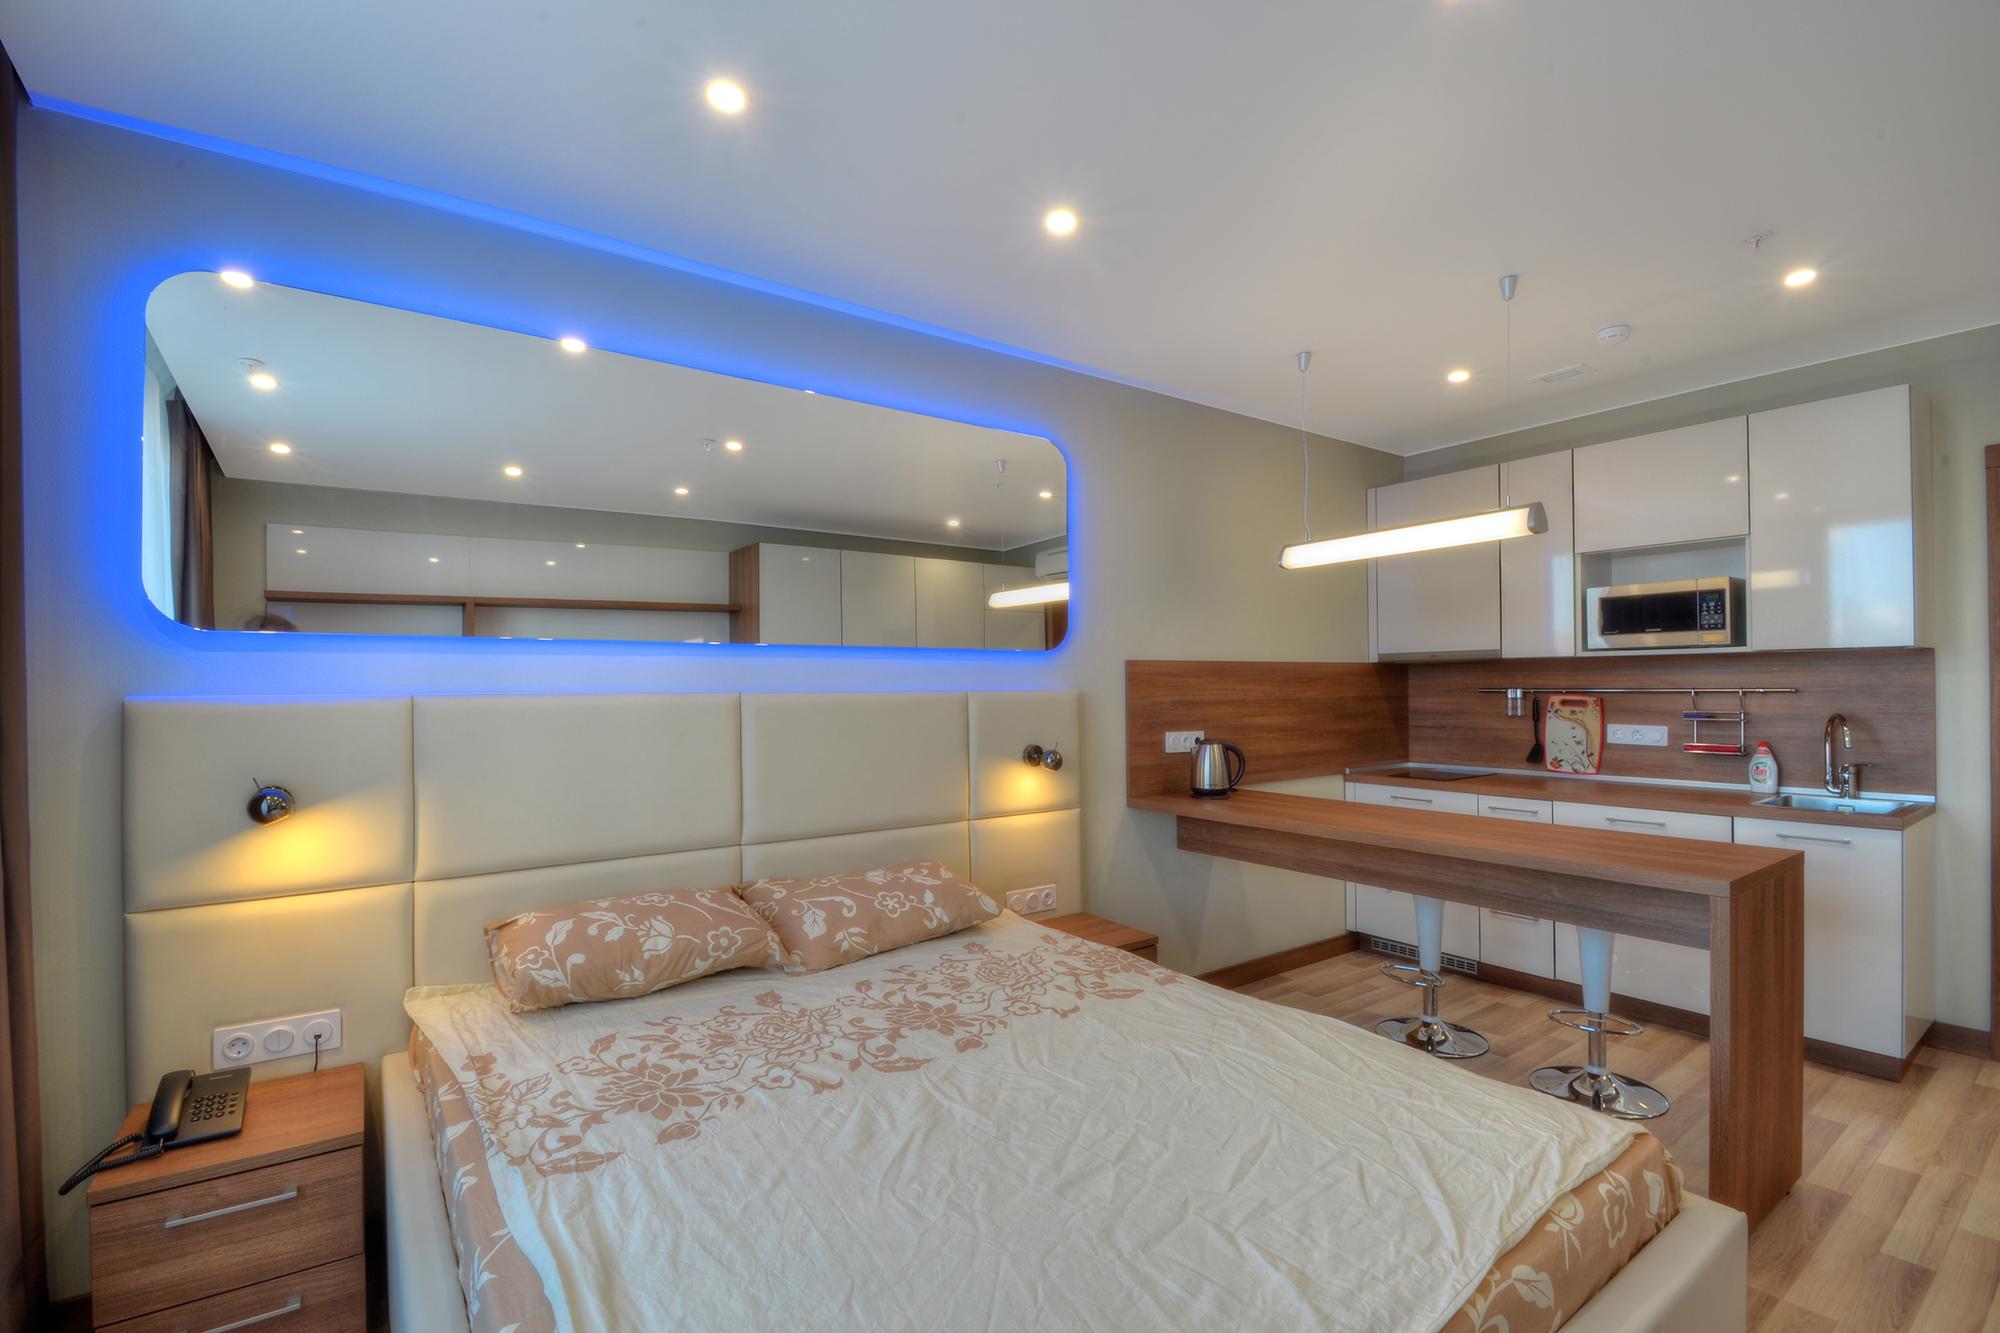 dizajnerskie-apartamenty-yes-mitino-04